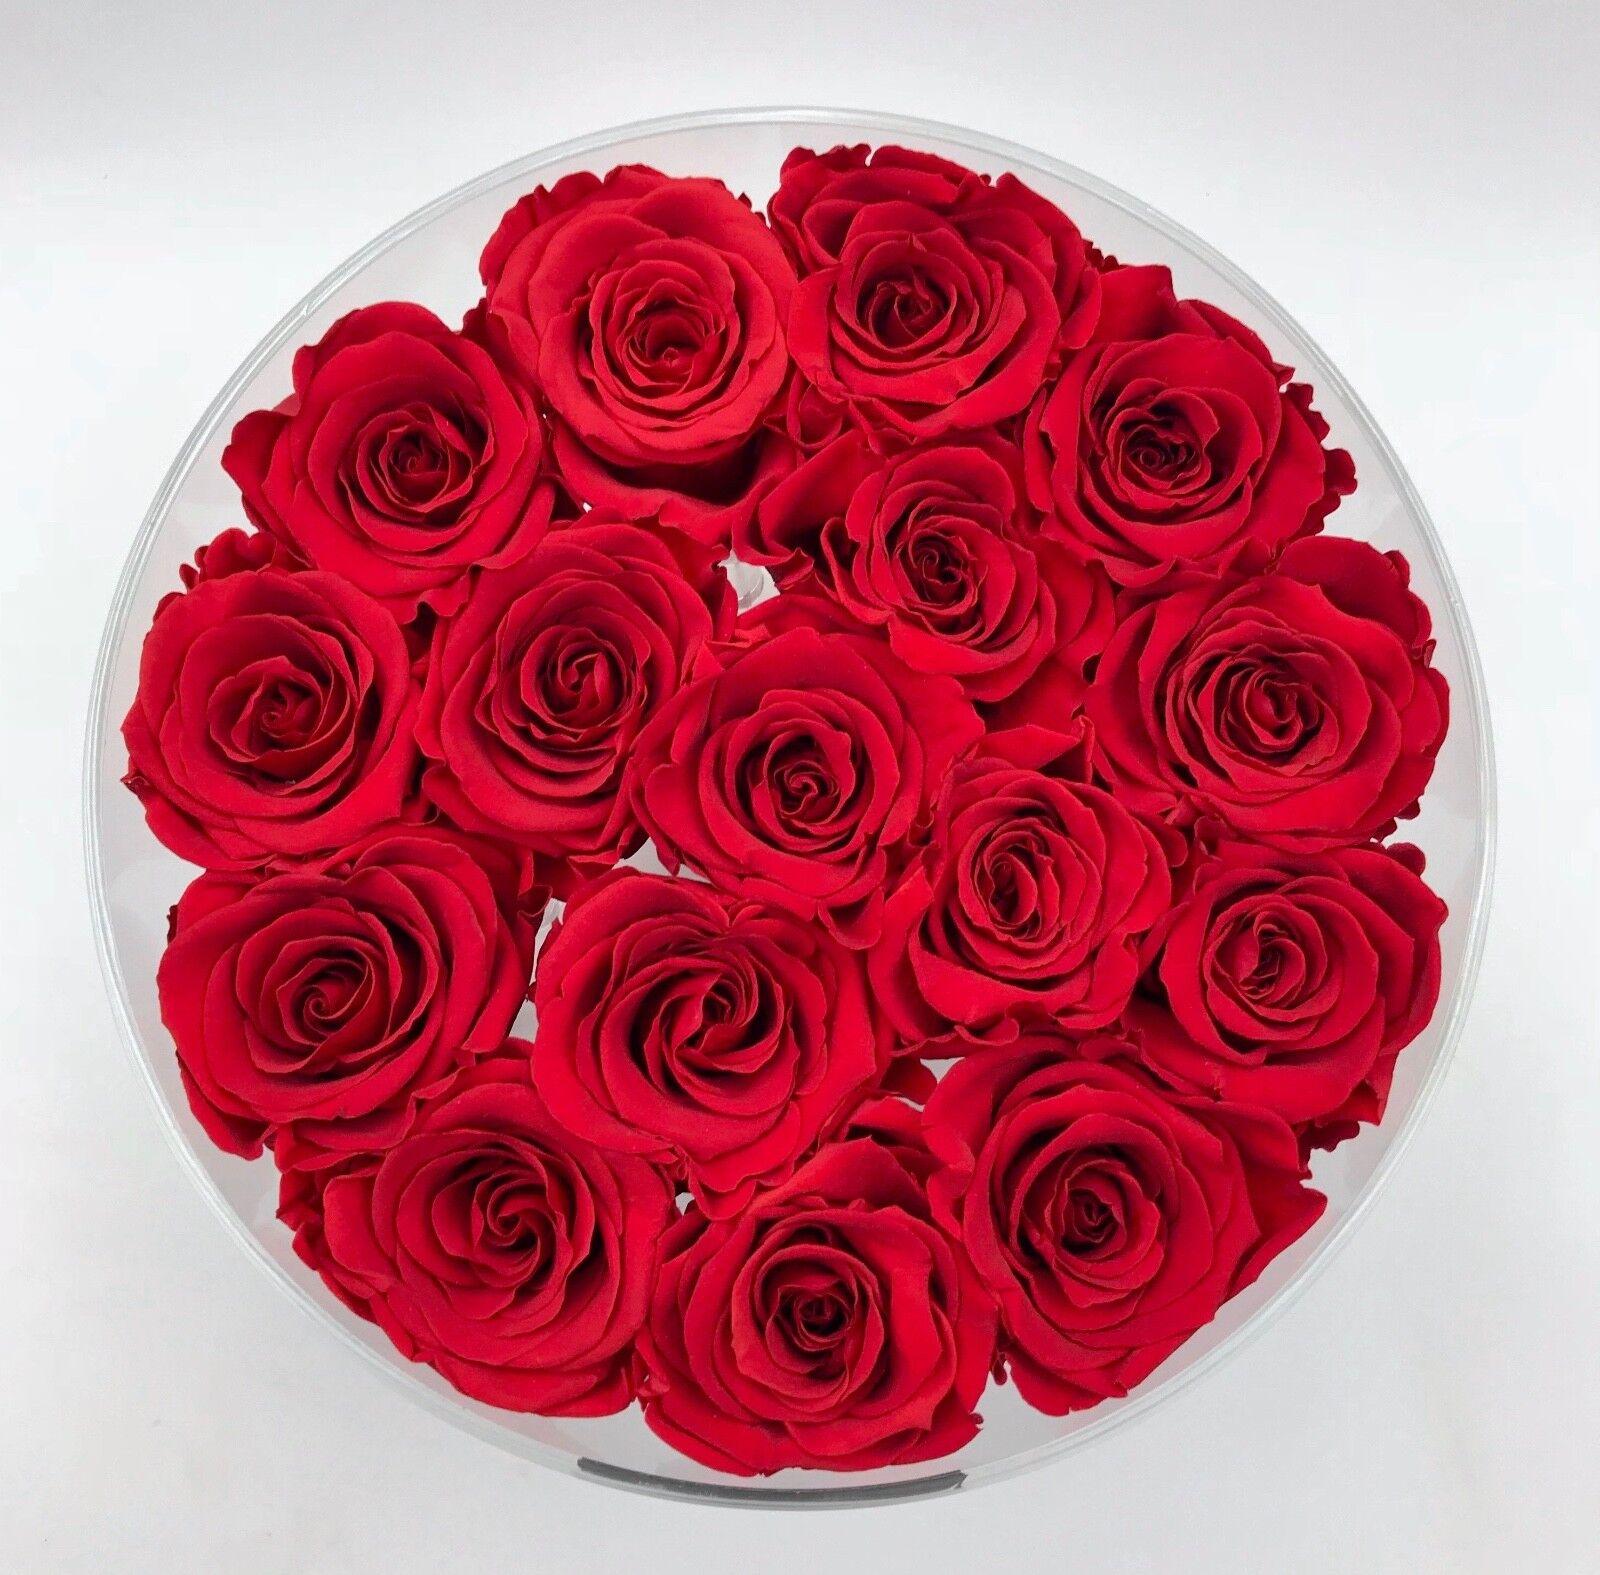 Exclusif rosenbox de laine acrylique préservée avec préservée acrylique roses comme cadeau de Noël 41d6fe